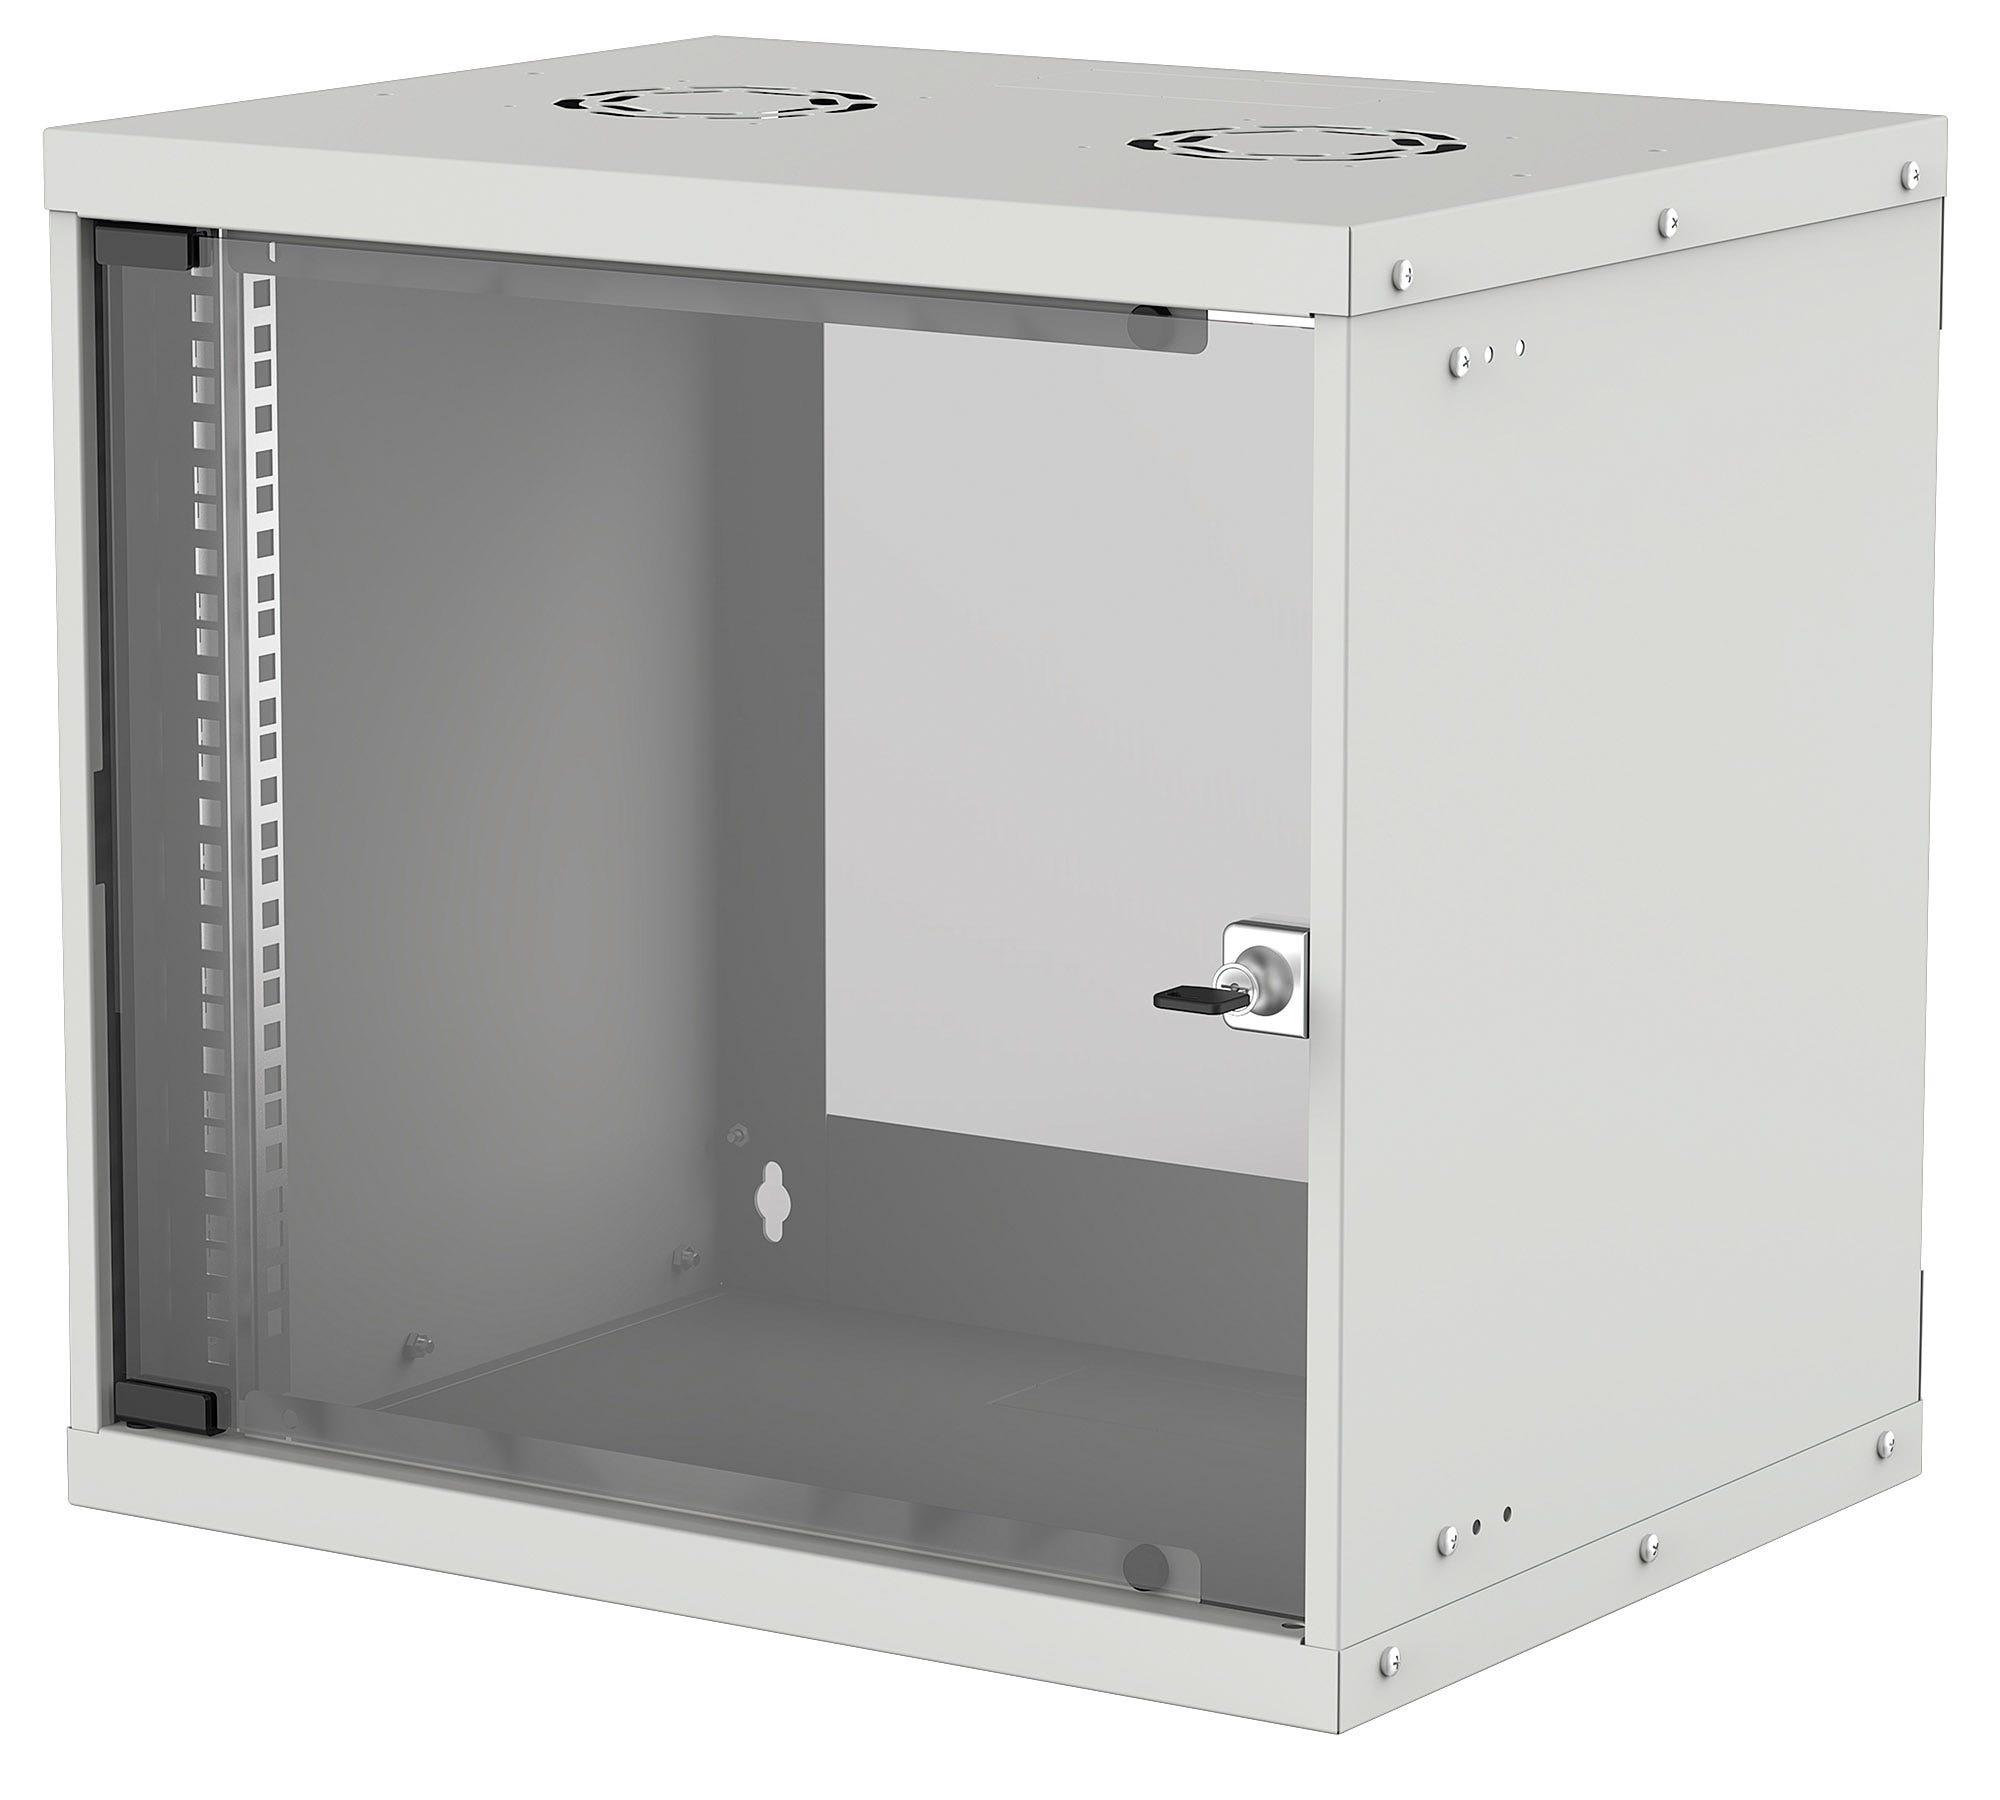 Intellinet 714815 - 9U - Wandmontiertes Regal - 50 kg - Grau - Galvanisiertes Stahl - Geschlossen